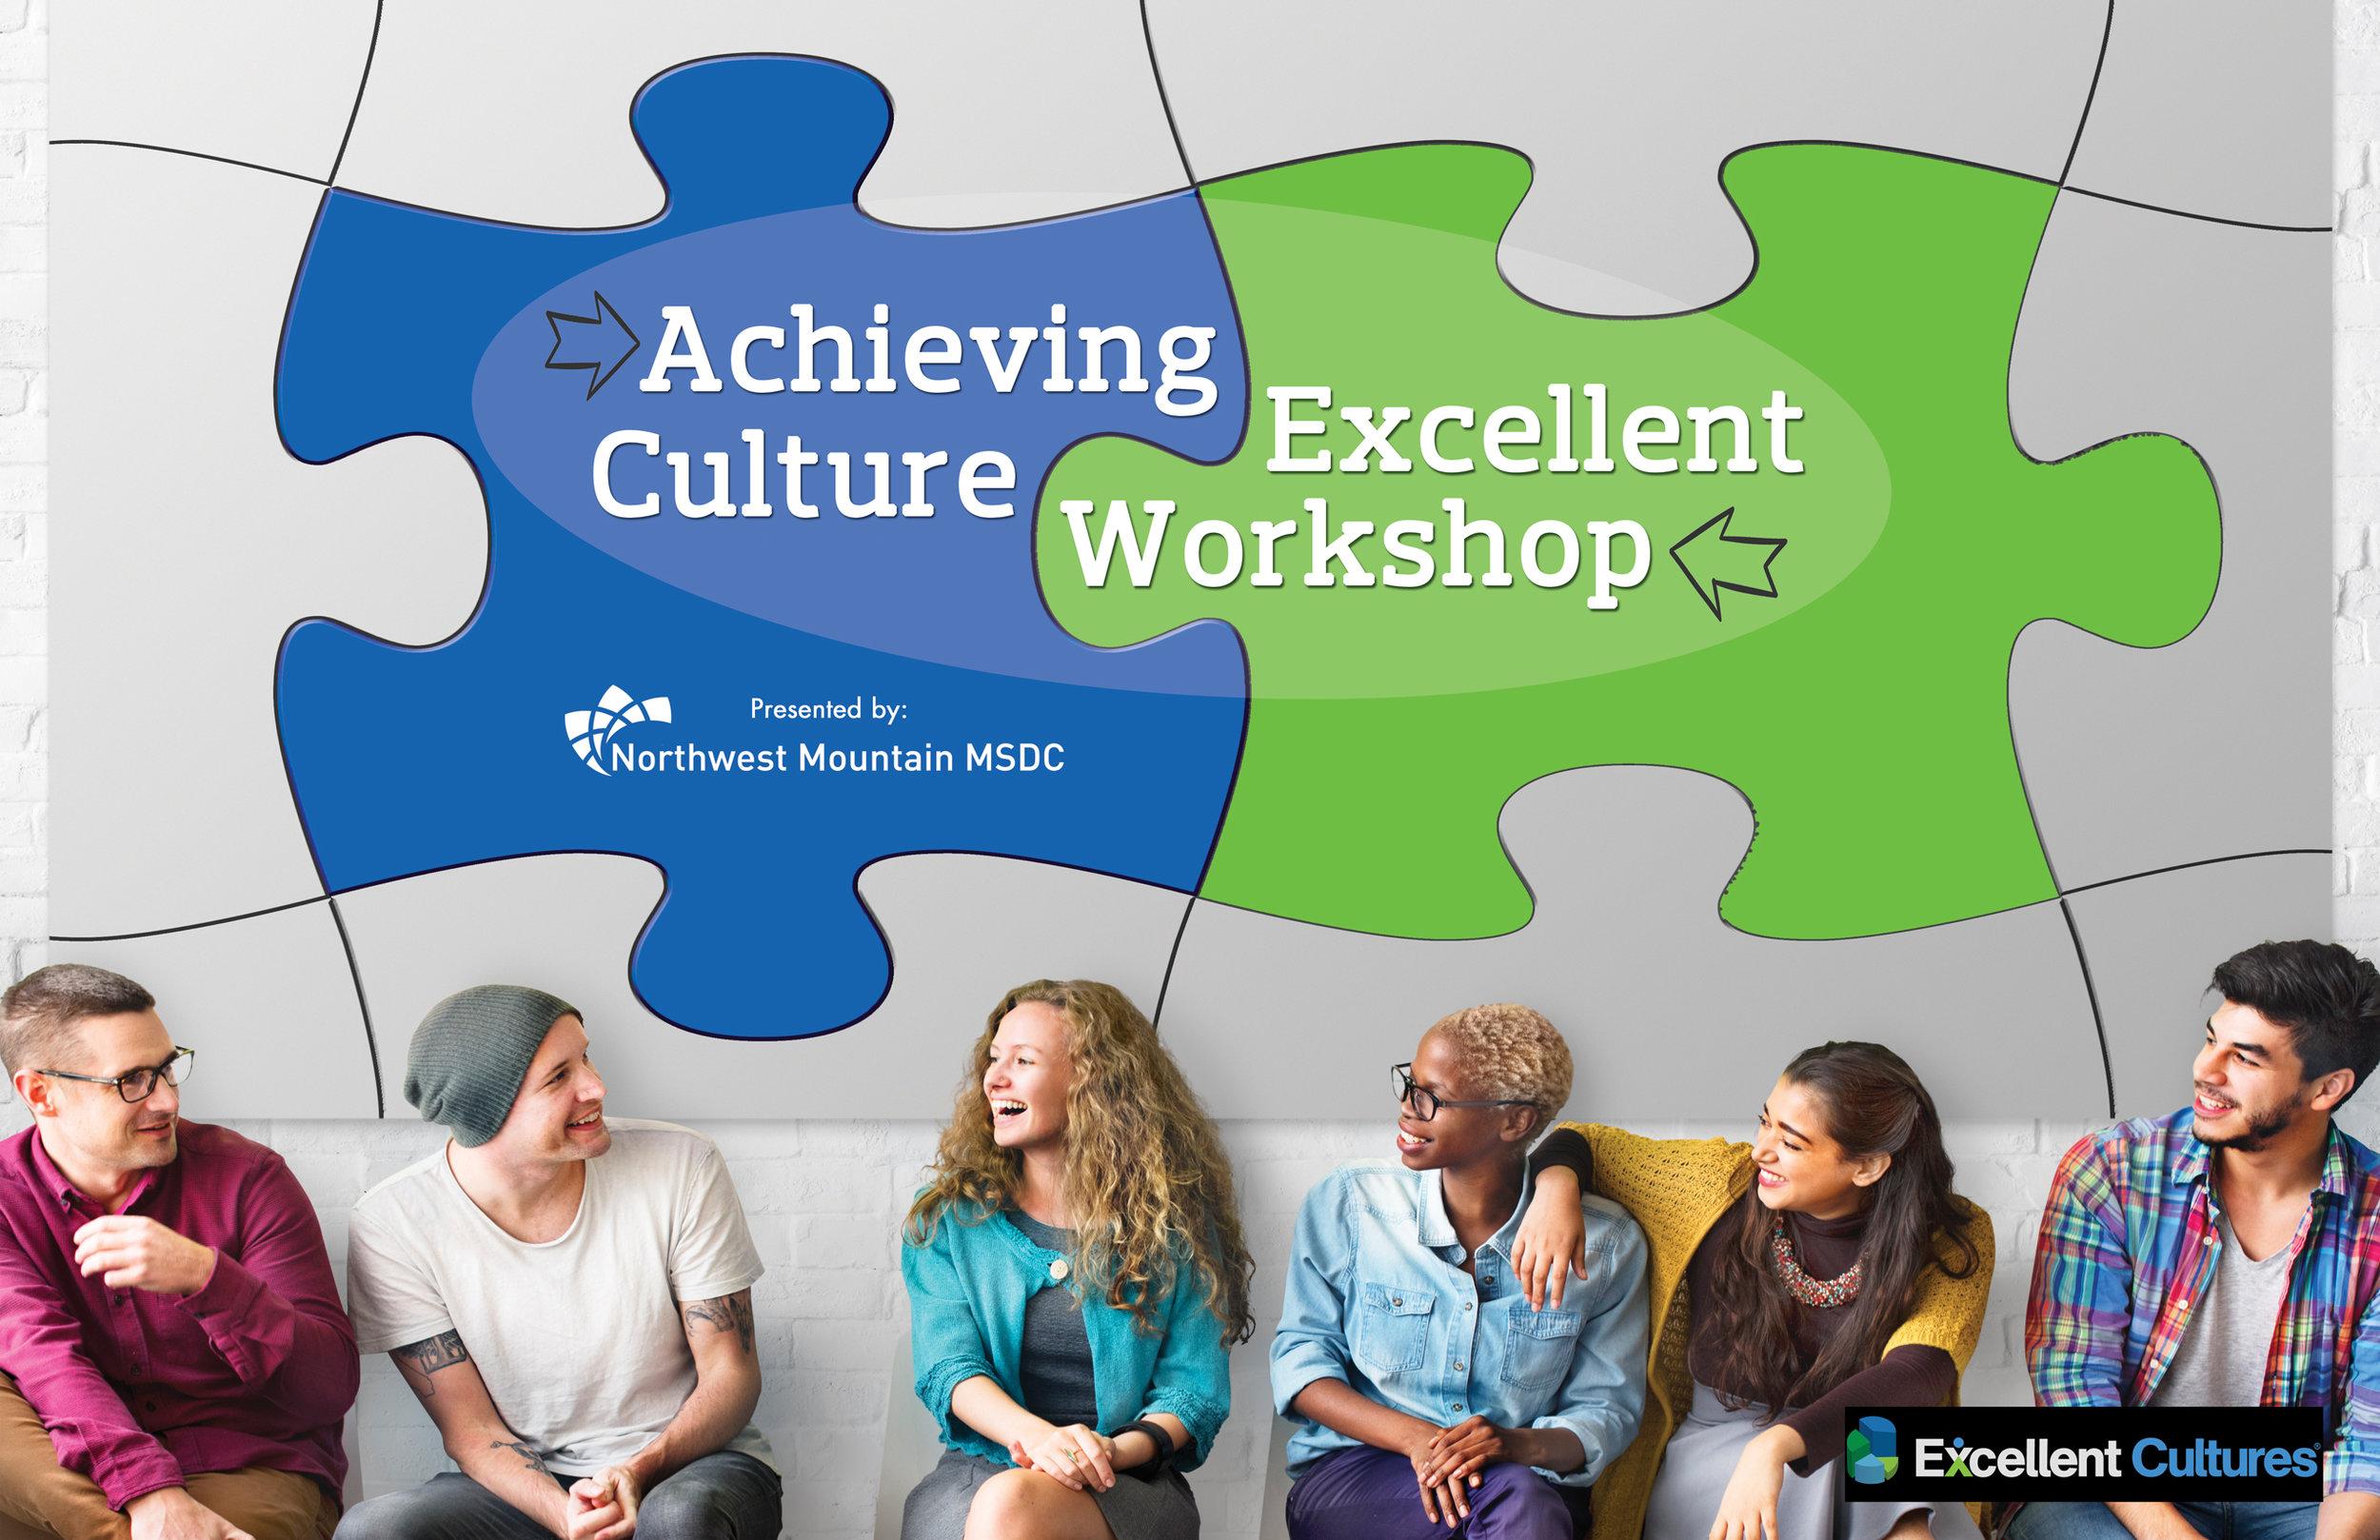 Excellent-Cultures-Workshop-Poster-1.jpg